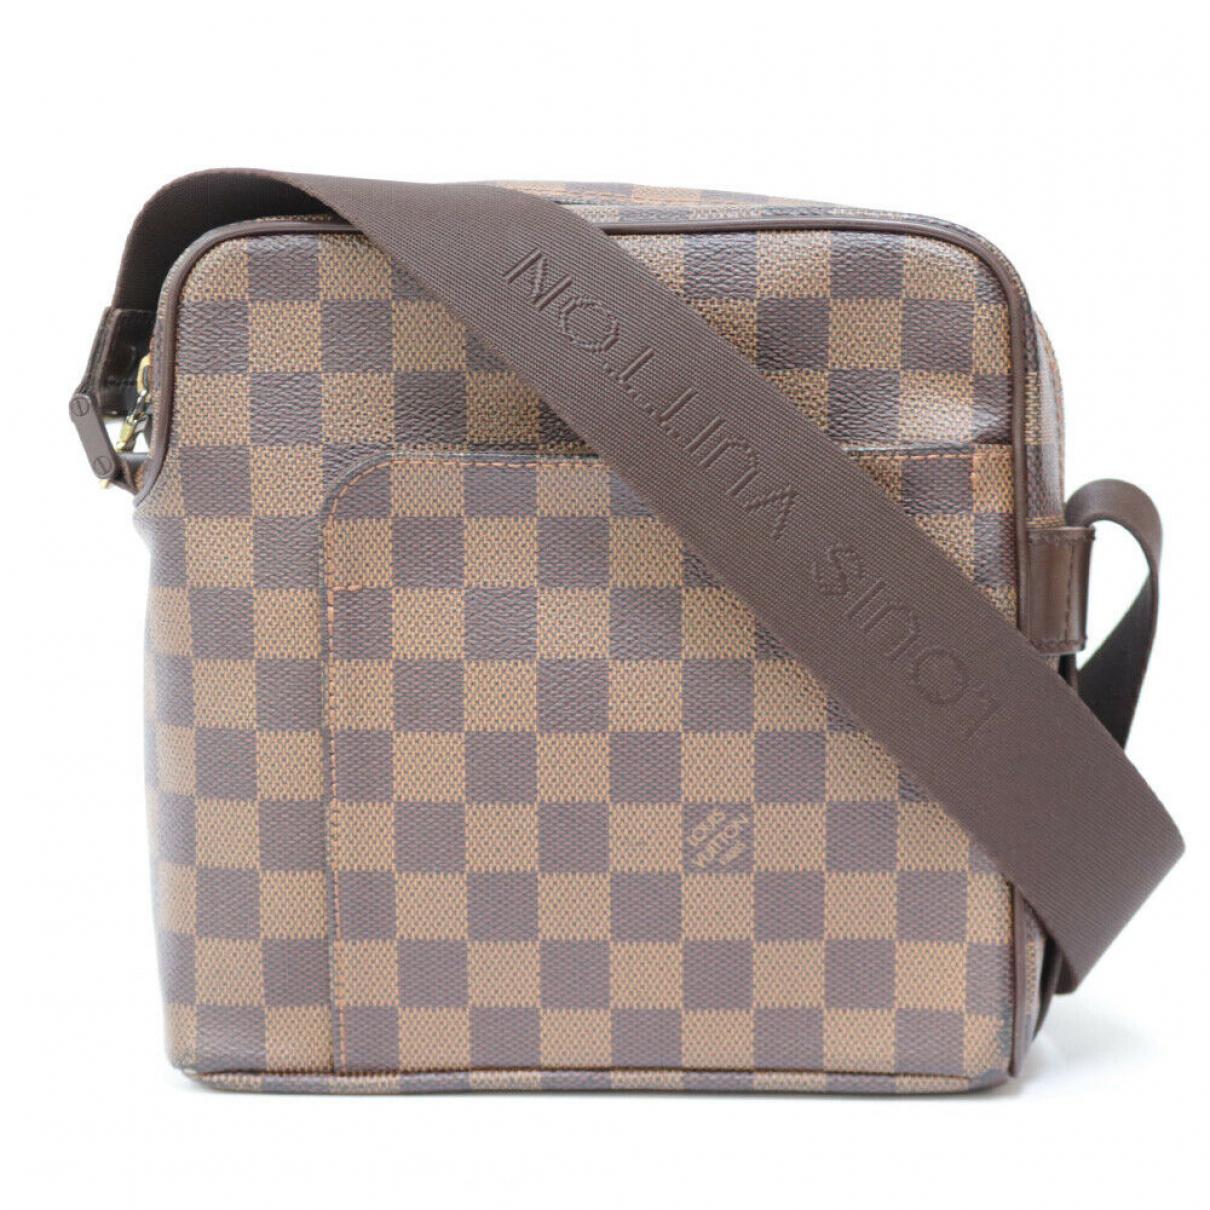 Louis Vuitton \N Handtasche in Leder